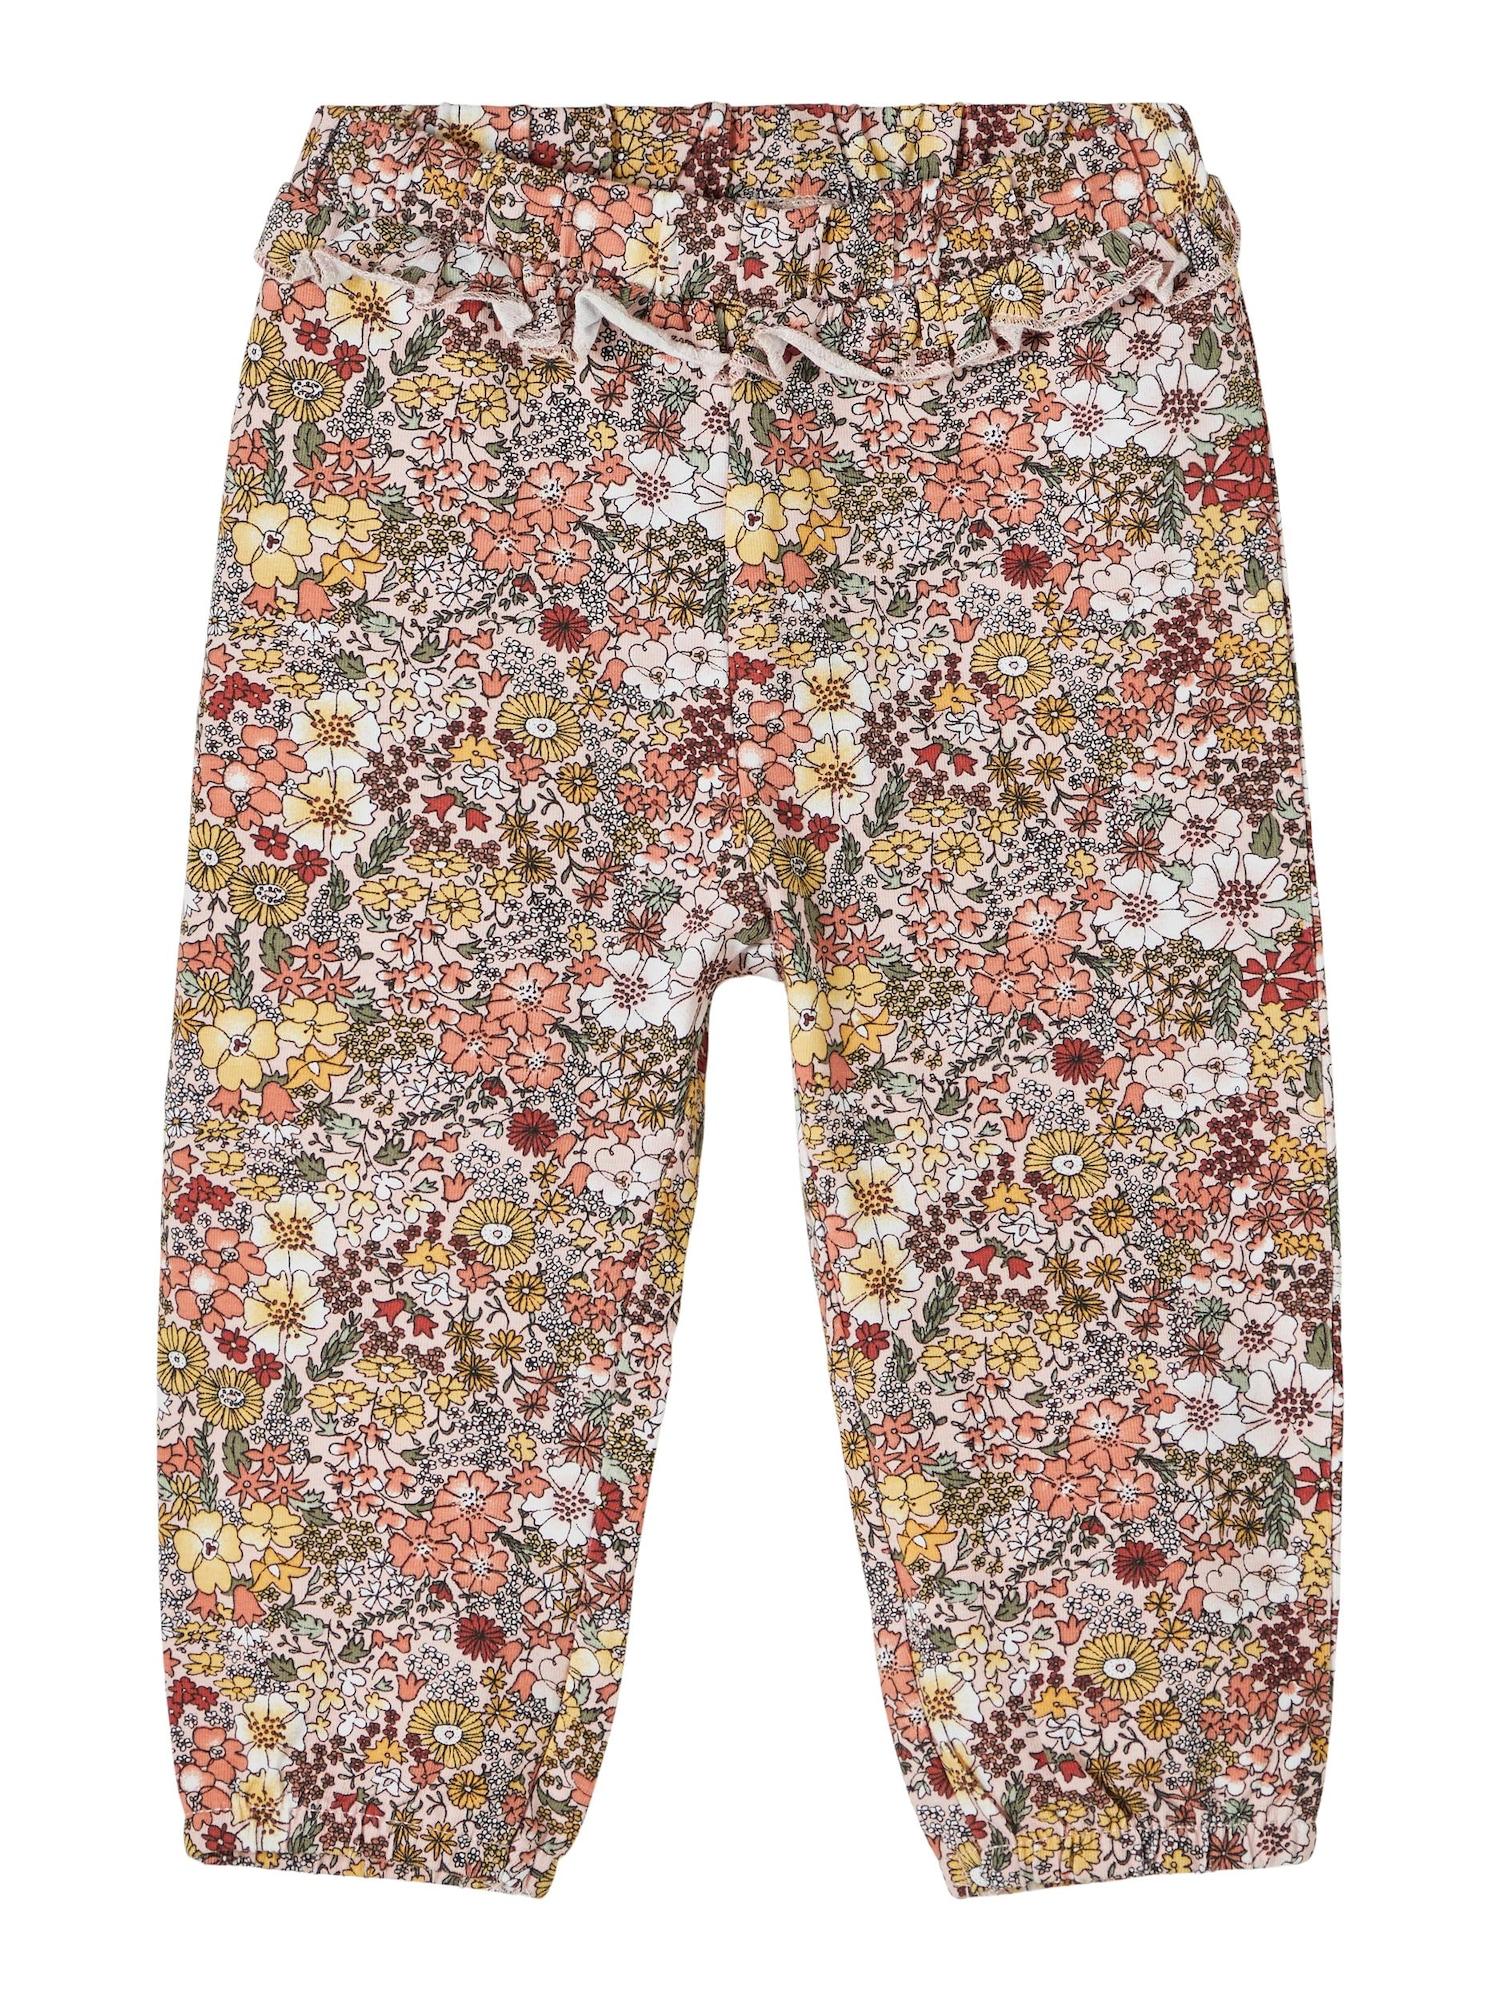 NAME IT Kelnės 'Dahlia' rožių spalva / mišrios spalvos